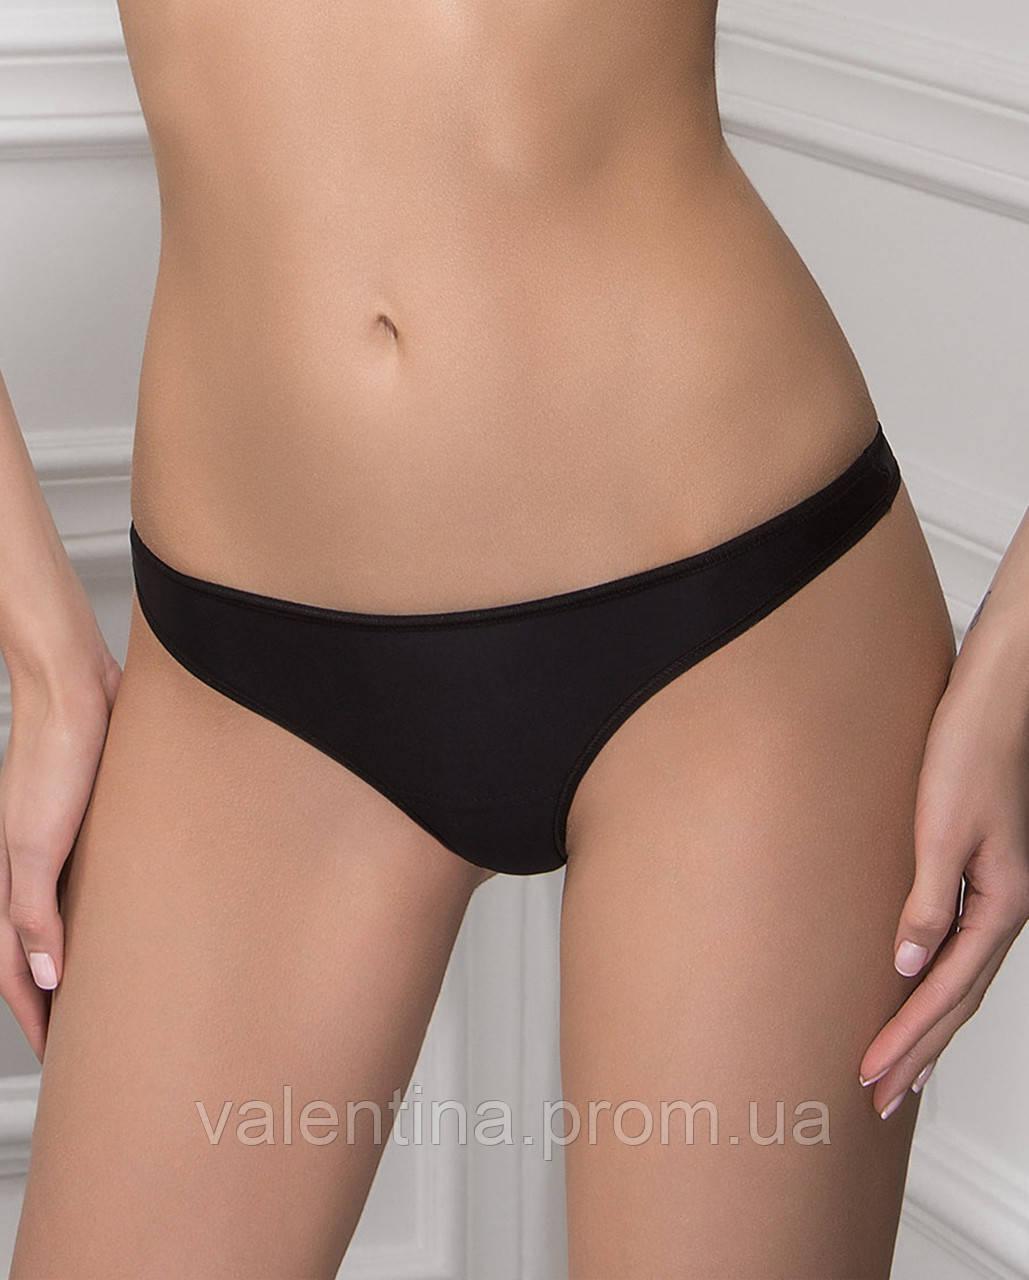 bedd627aff6f9 Трусики-стринги из хлопка Venus, черный, S/44, цена 89 грн., купить ...